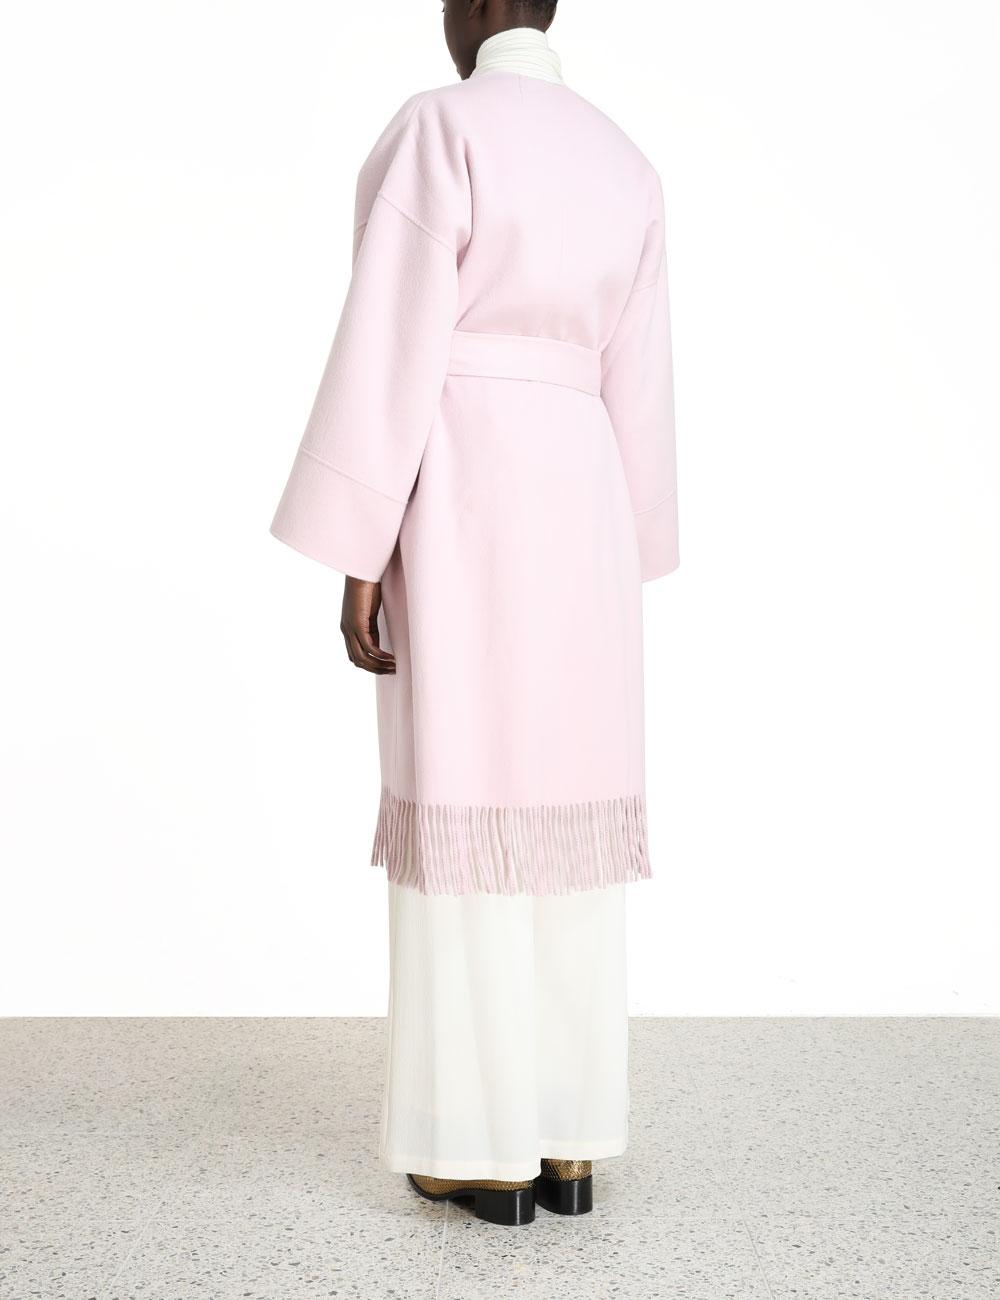 Ladybeetle Blanket Coat